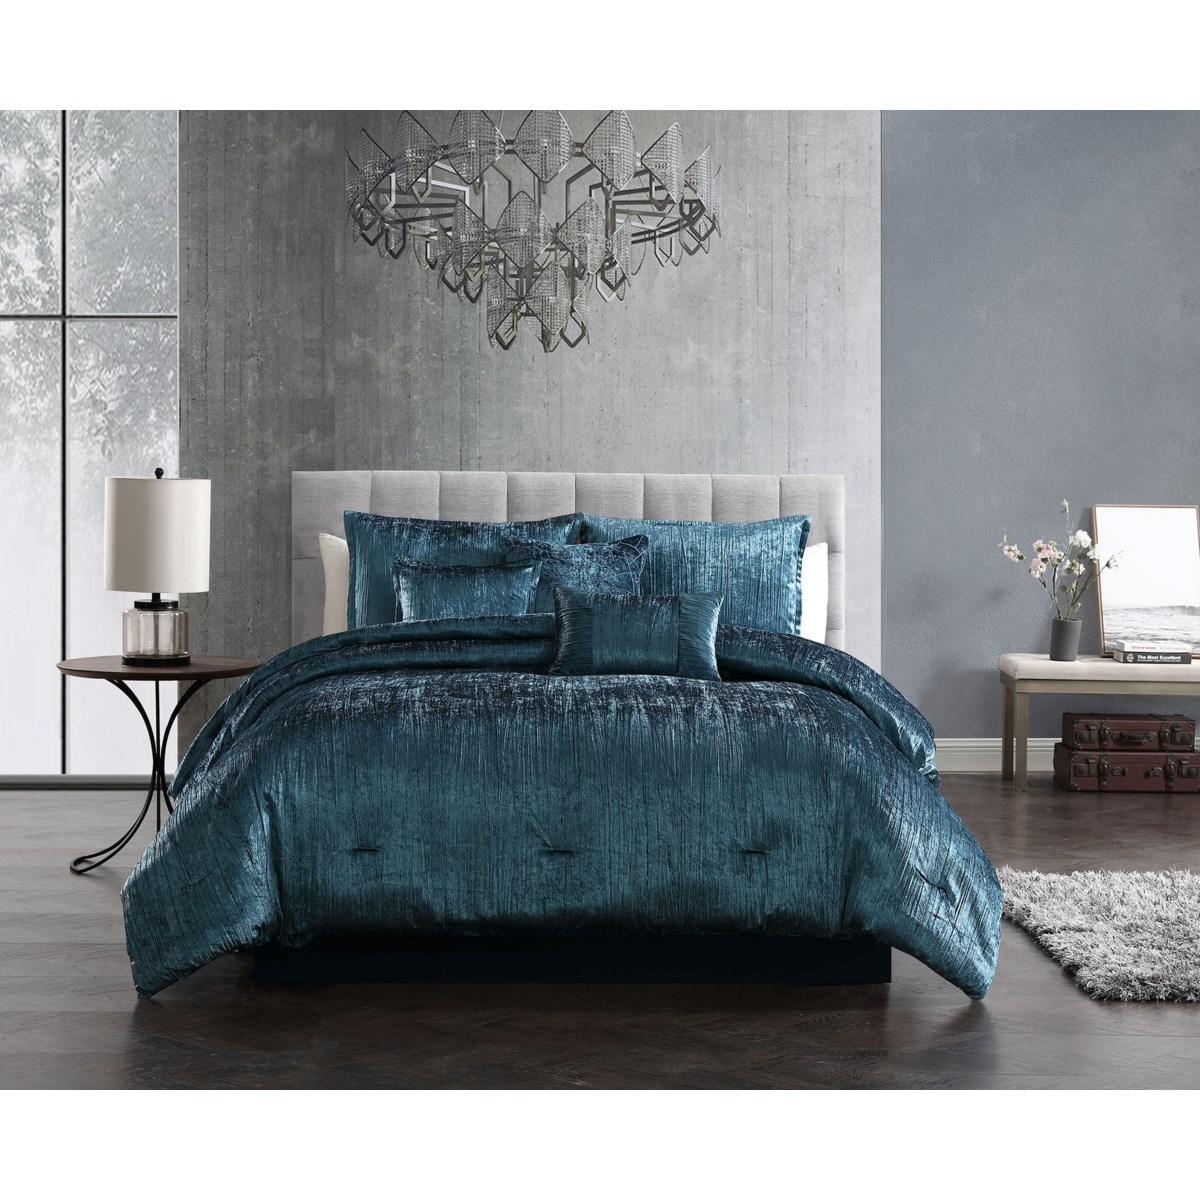 Taos Blue Crinkle Velvet 7PC King